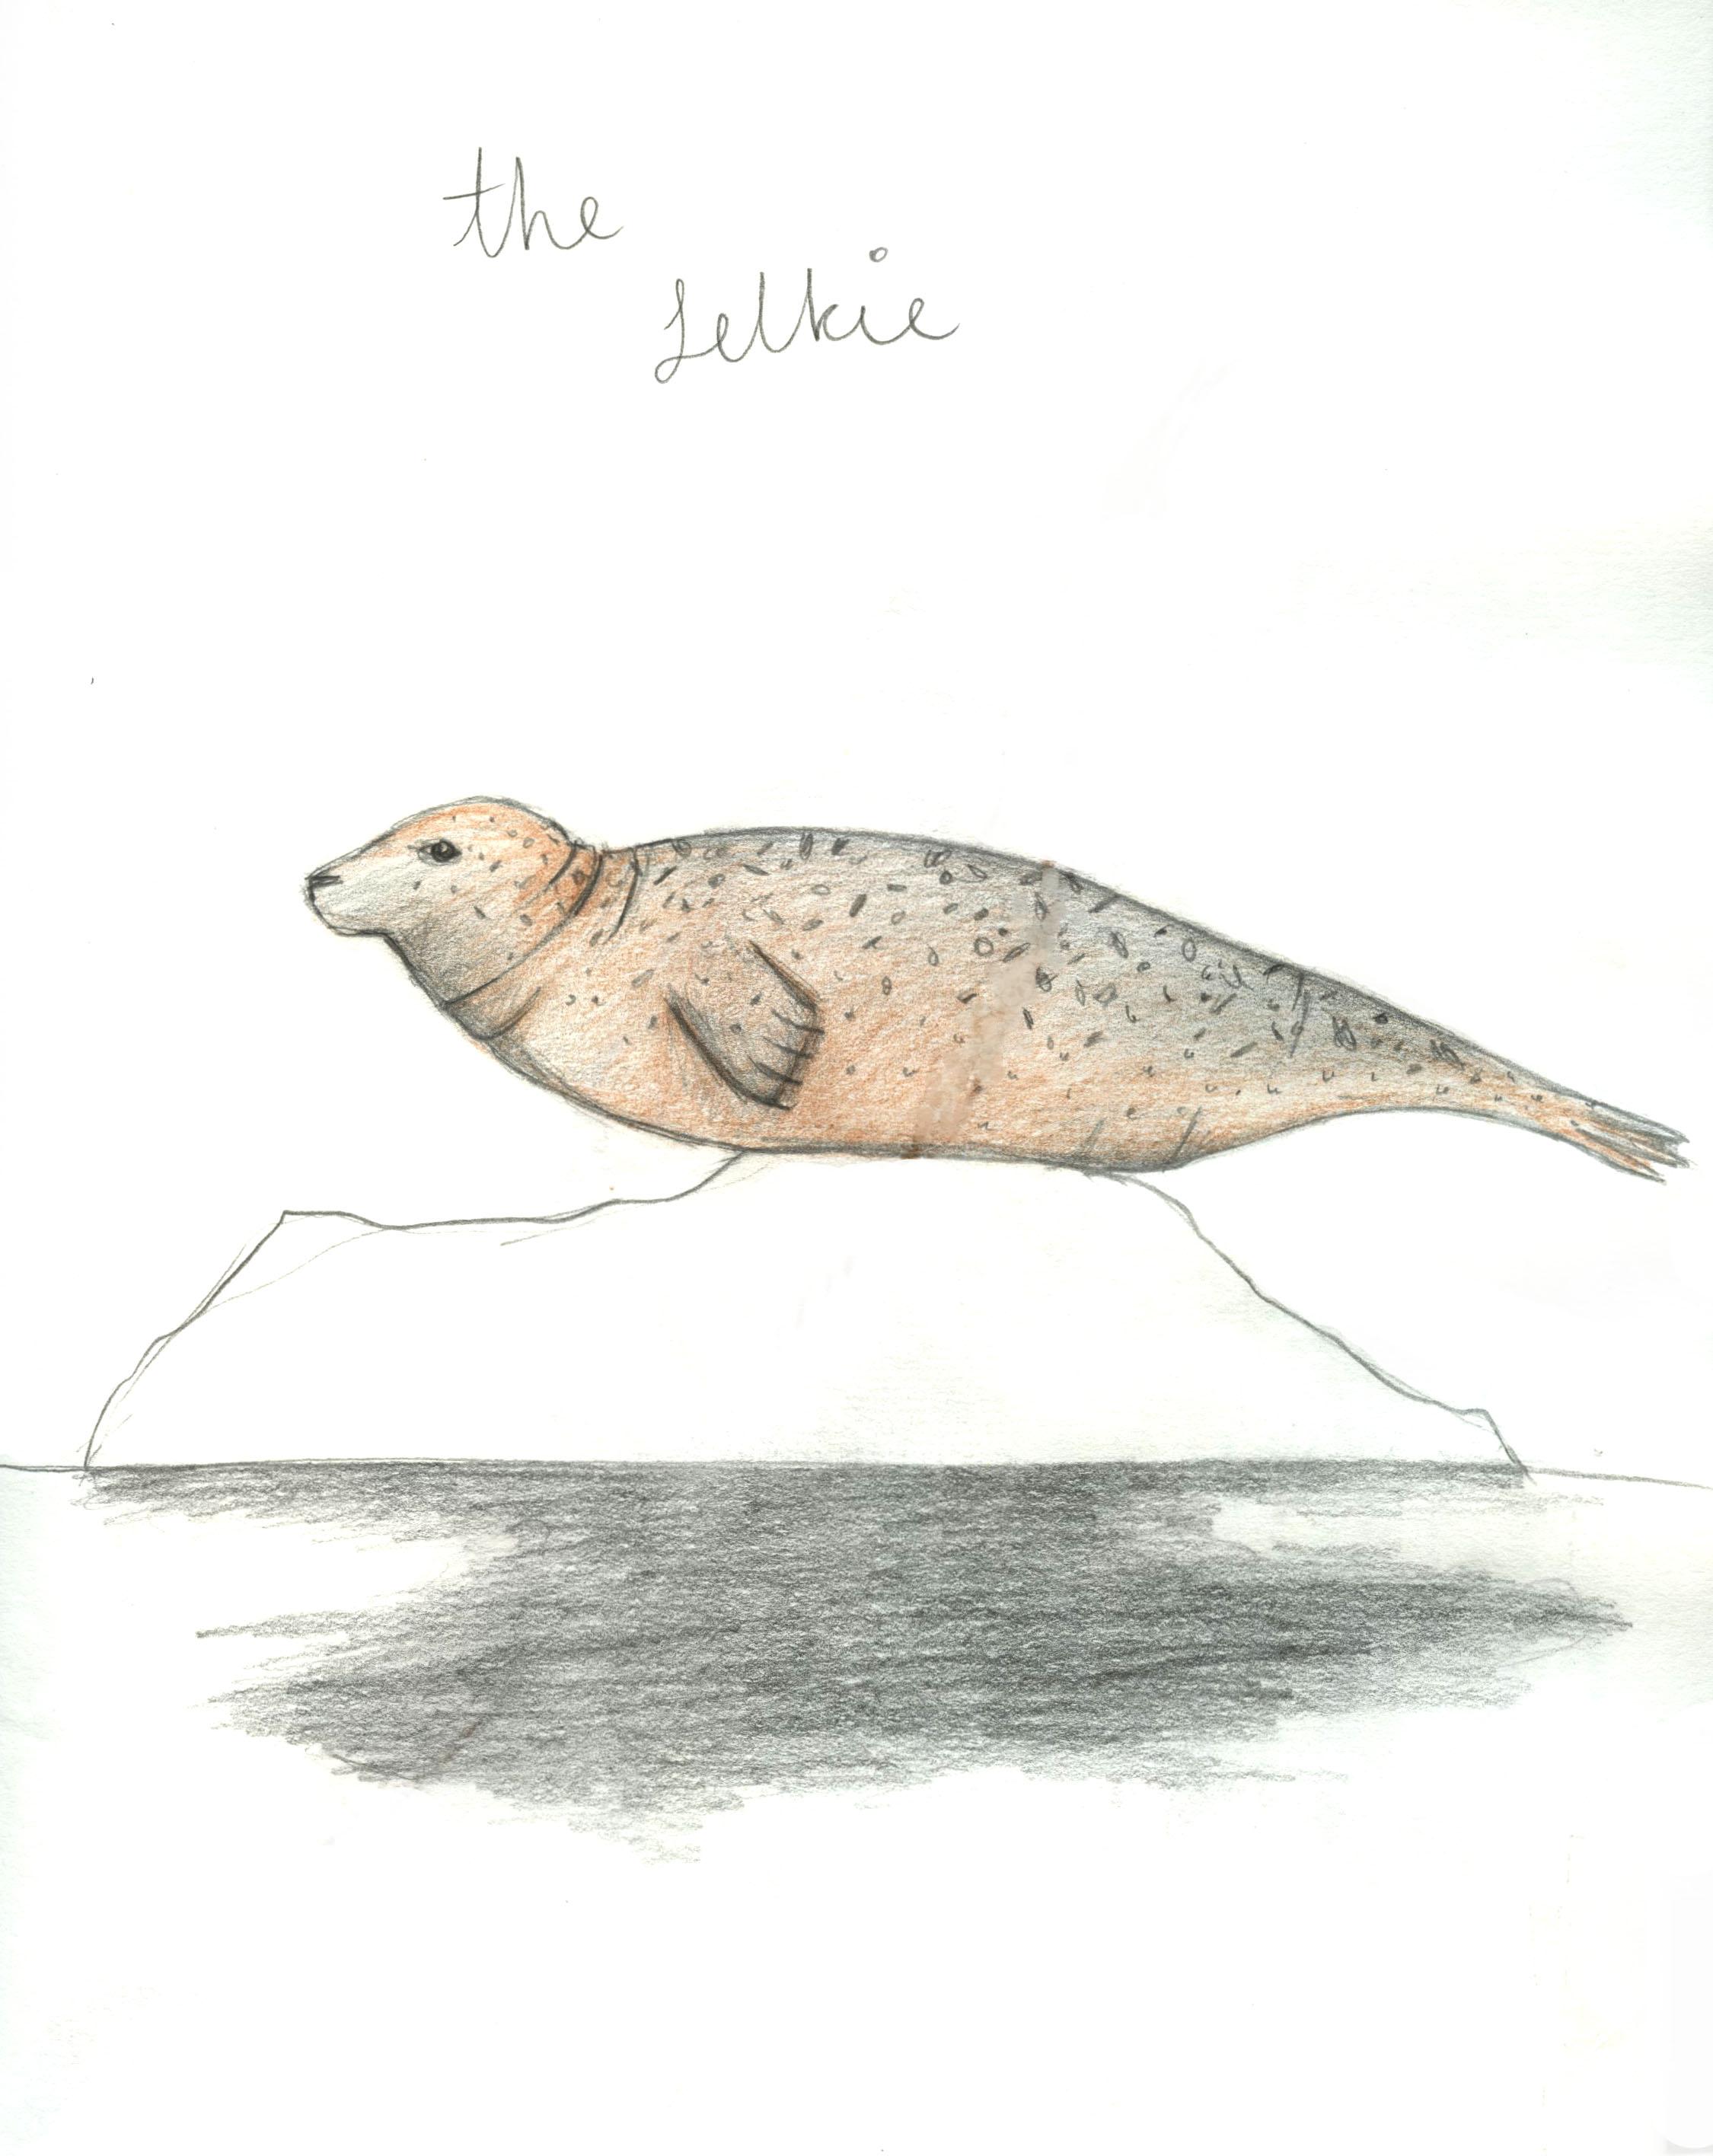 Seal or selkie?